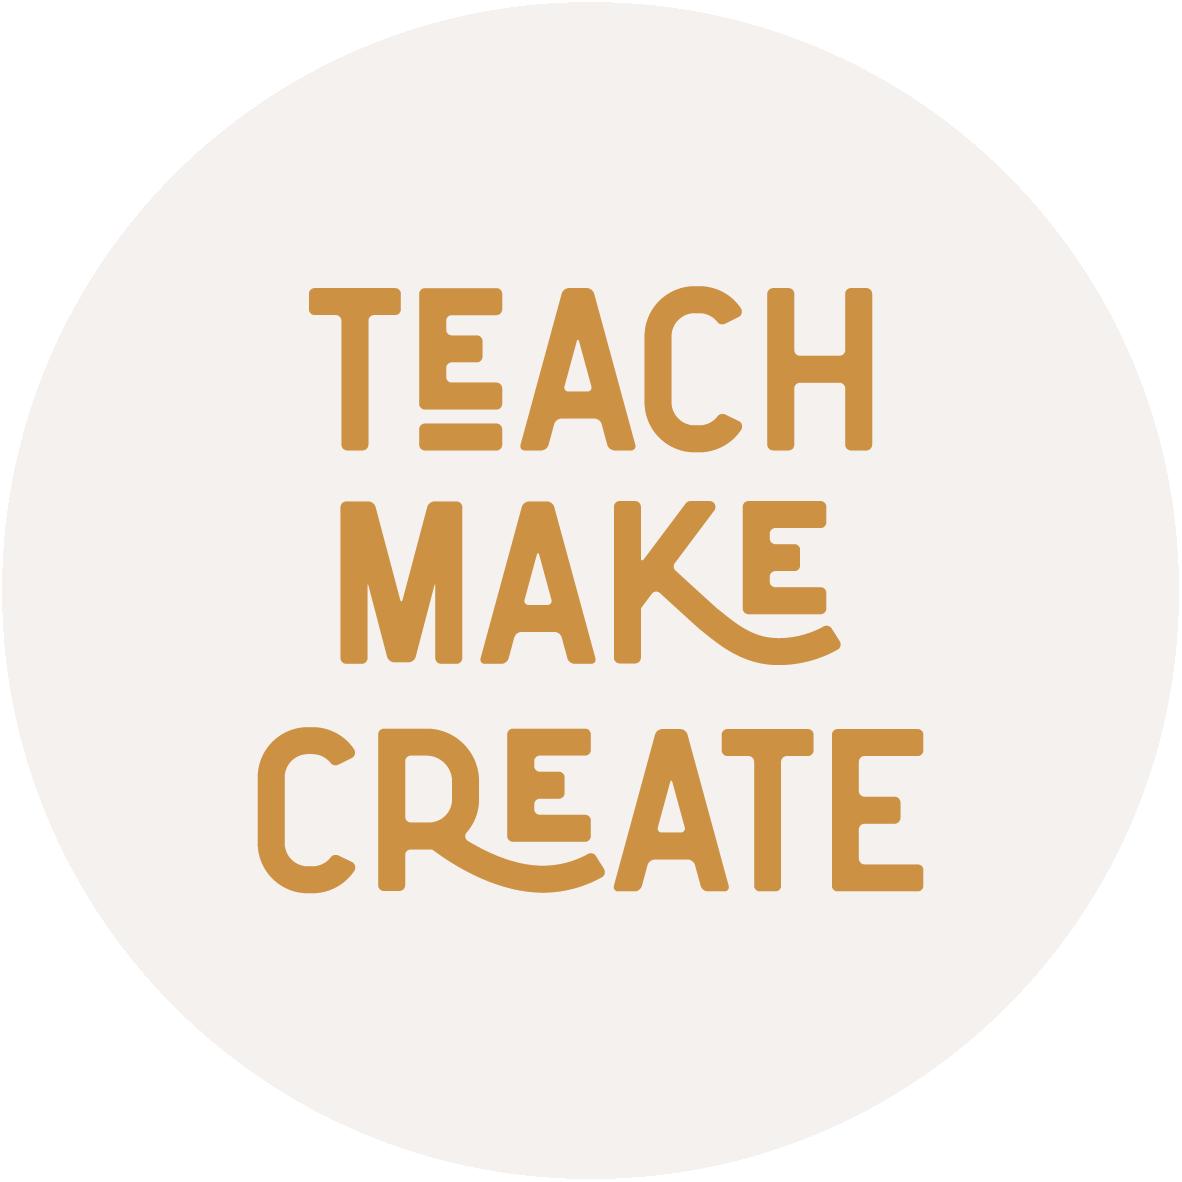 teach make create